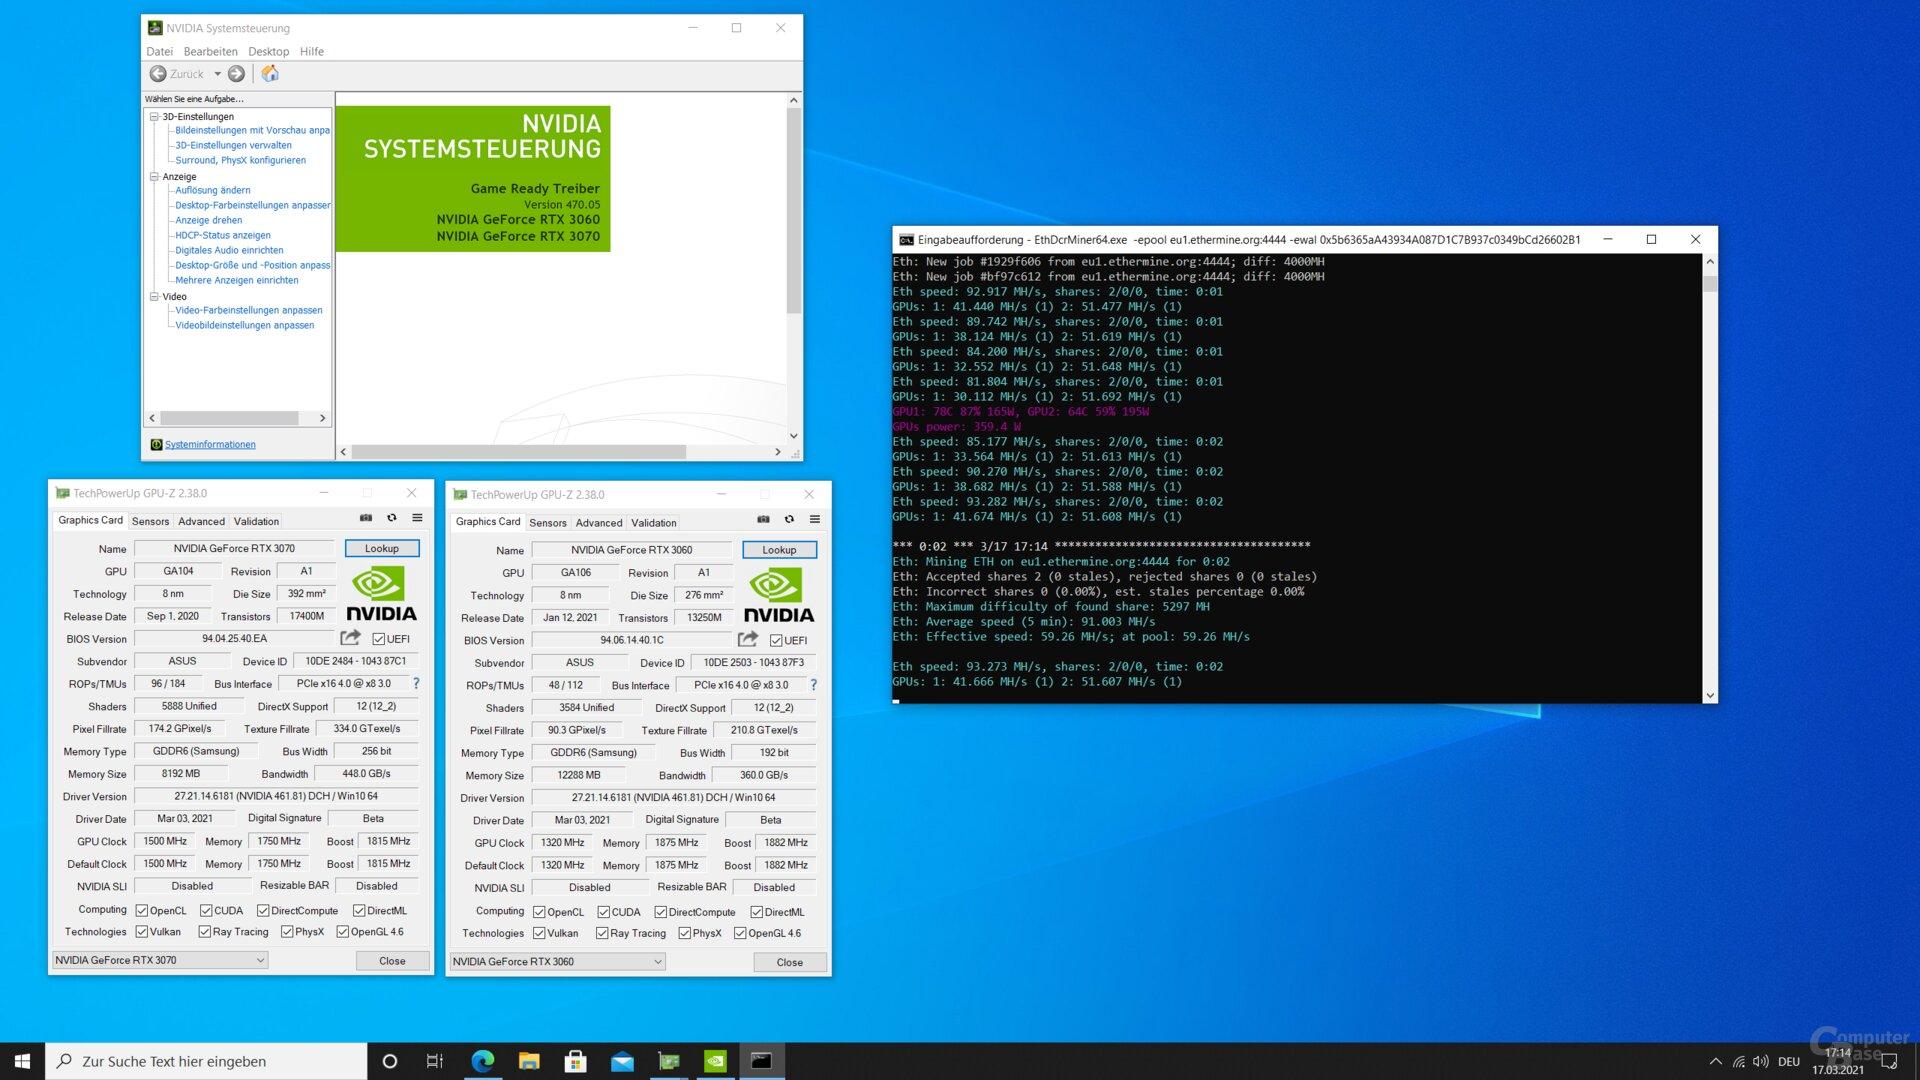 Schon dass ein Monitor passiv an der RTX 3060 hängt, hebelt die Bremse wieder aus: GPU2 (RTX 3070) gibt das Bild über HDMI aus, GPU1 (RTX 3060) hängt per DisplayPort am selben Display. Wird das Kabel entfernt, sinkt die Hashrate, ist das Kabel wieder dran, steigt sie erneut